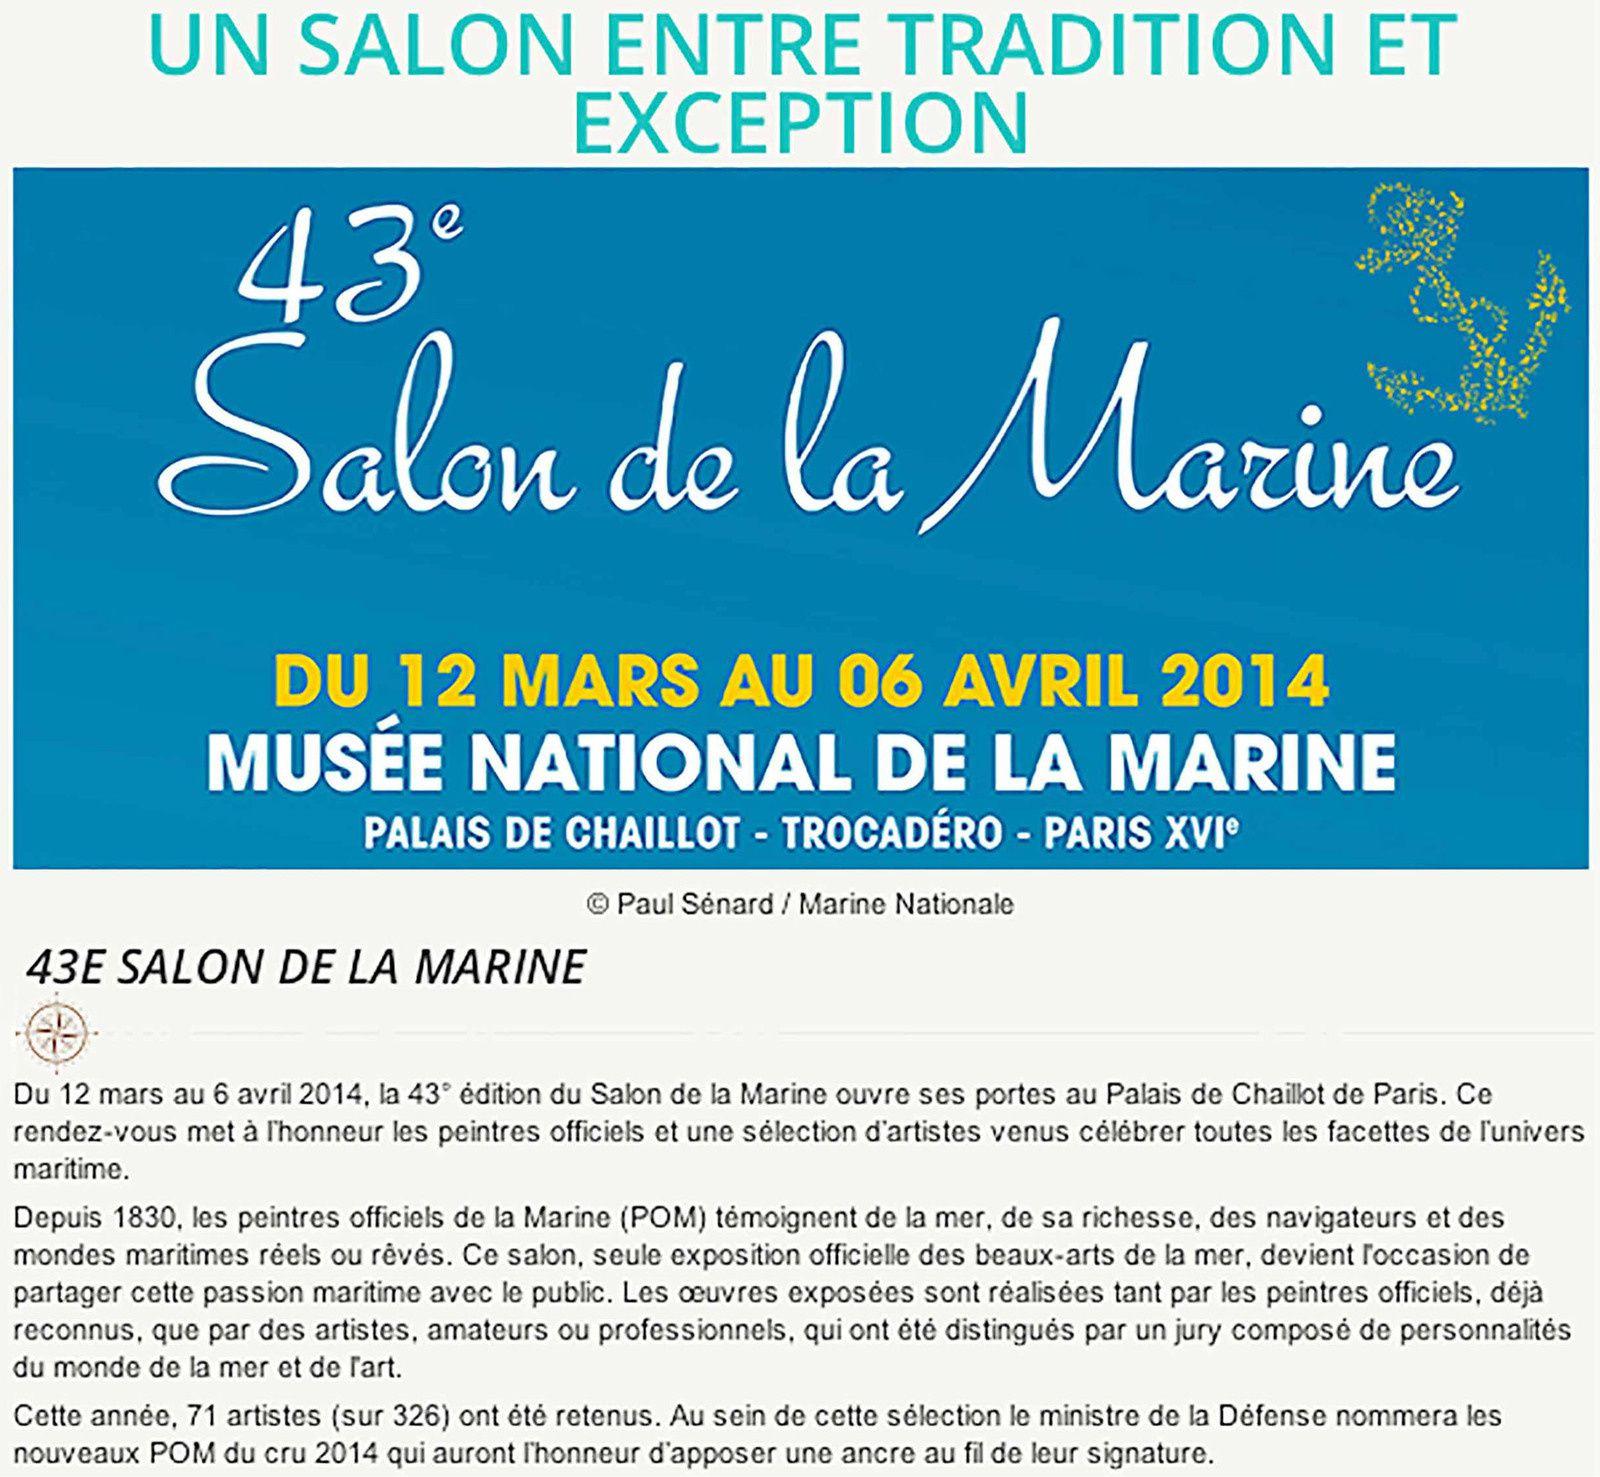 43e Salon de la Marine